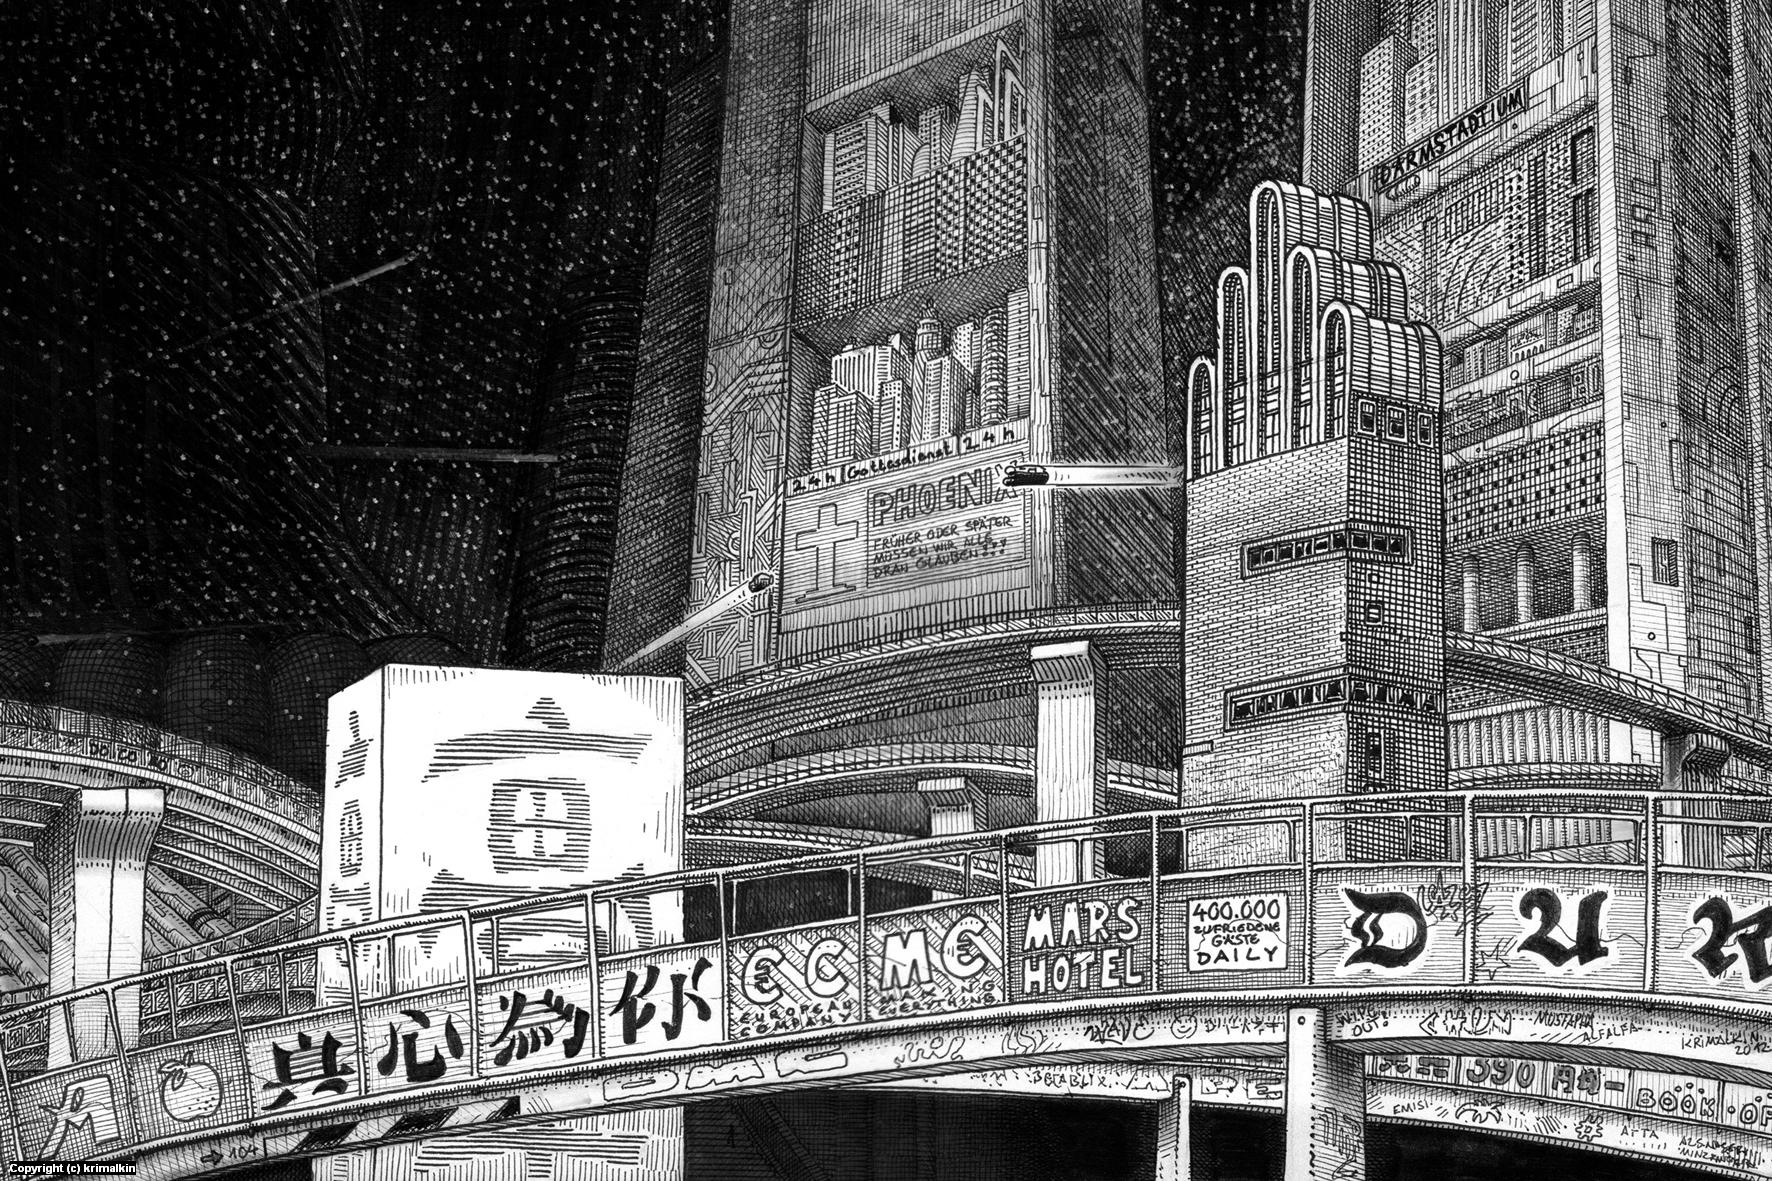 Das dystopische Darmstadt 2012 Artwork by Ingo Krimalkin Lohse